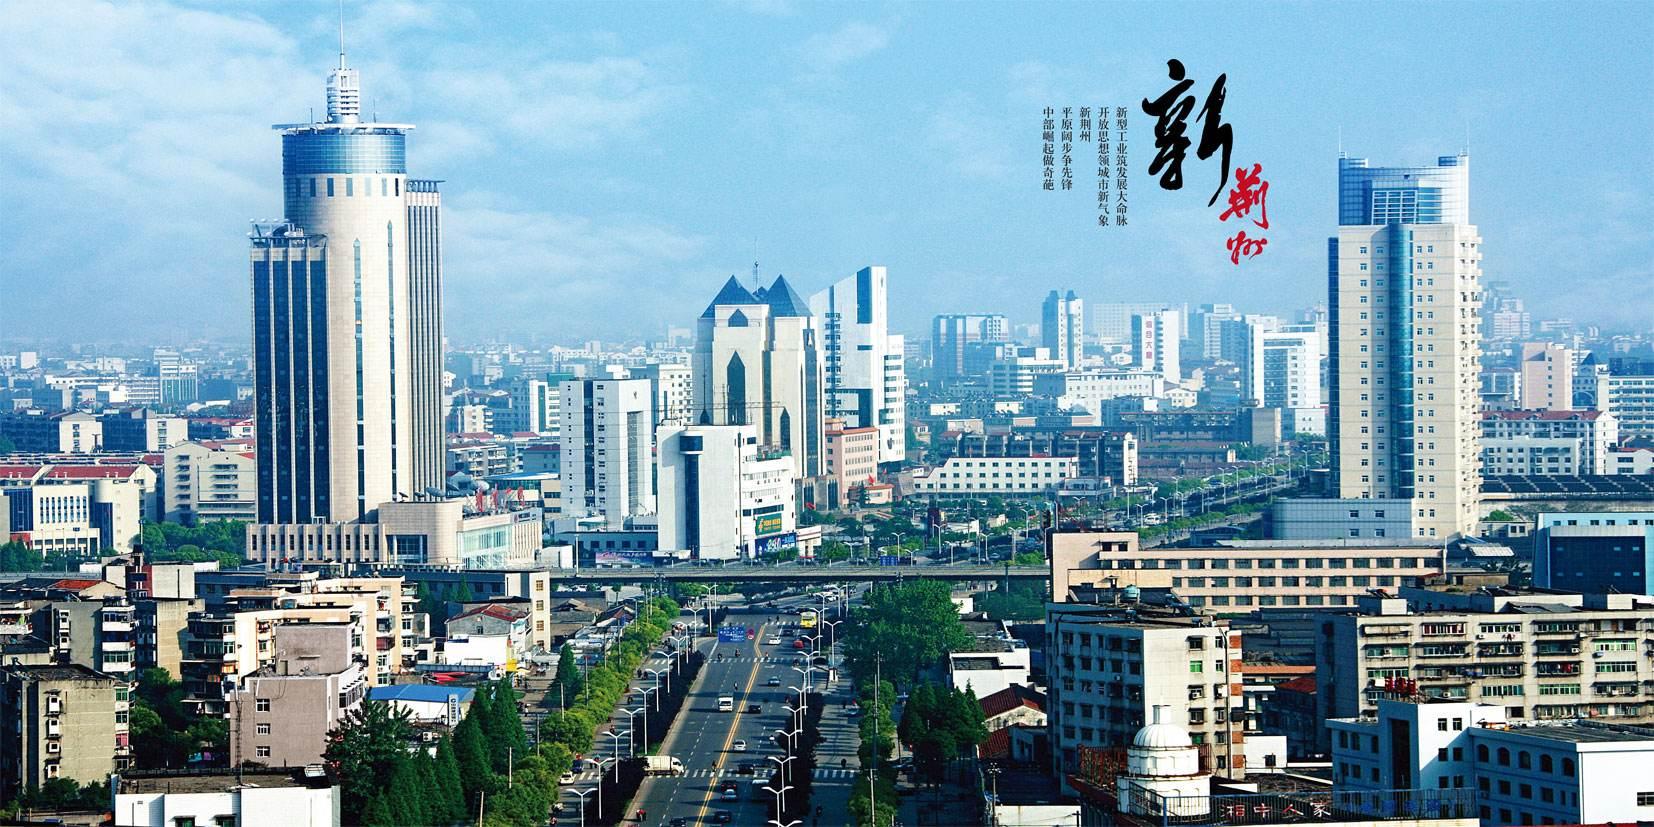 荆州2020年买房贷款利率算法以及荆州房价走势。